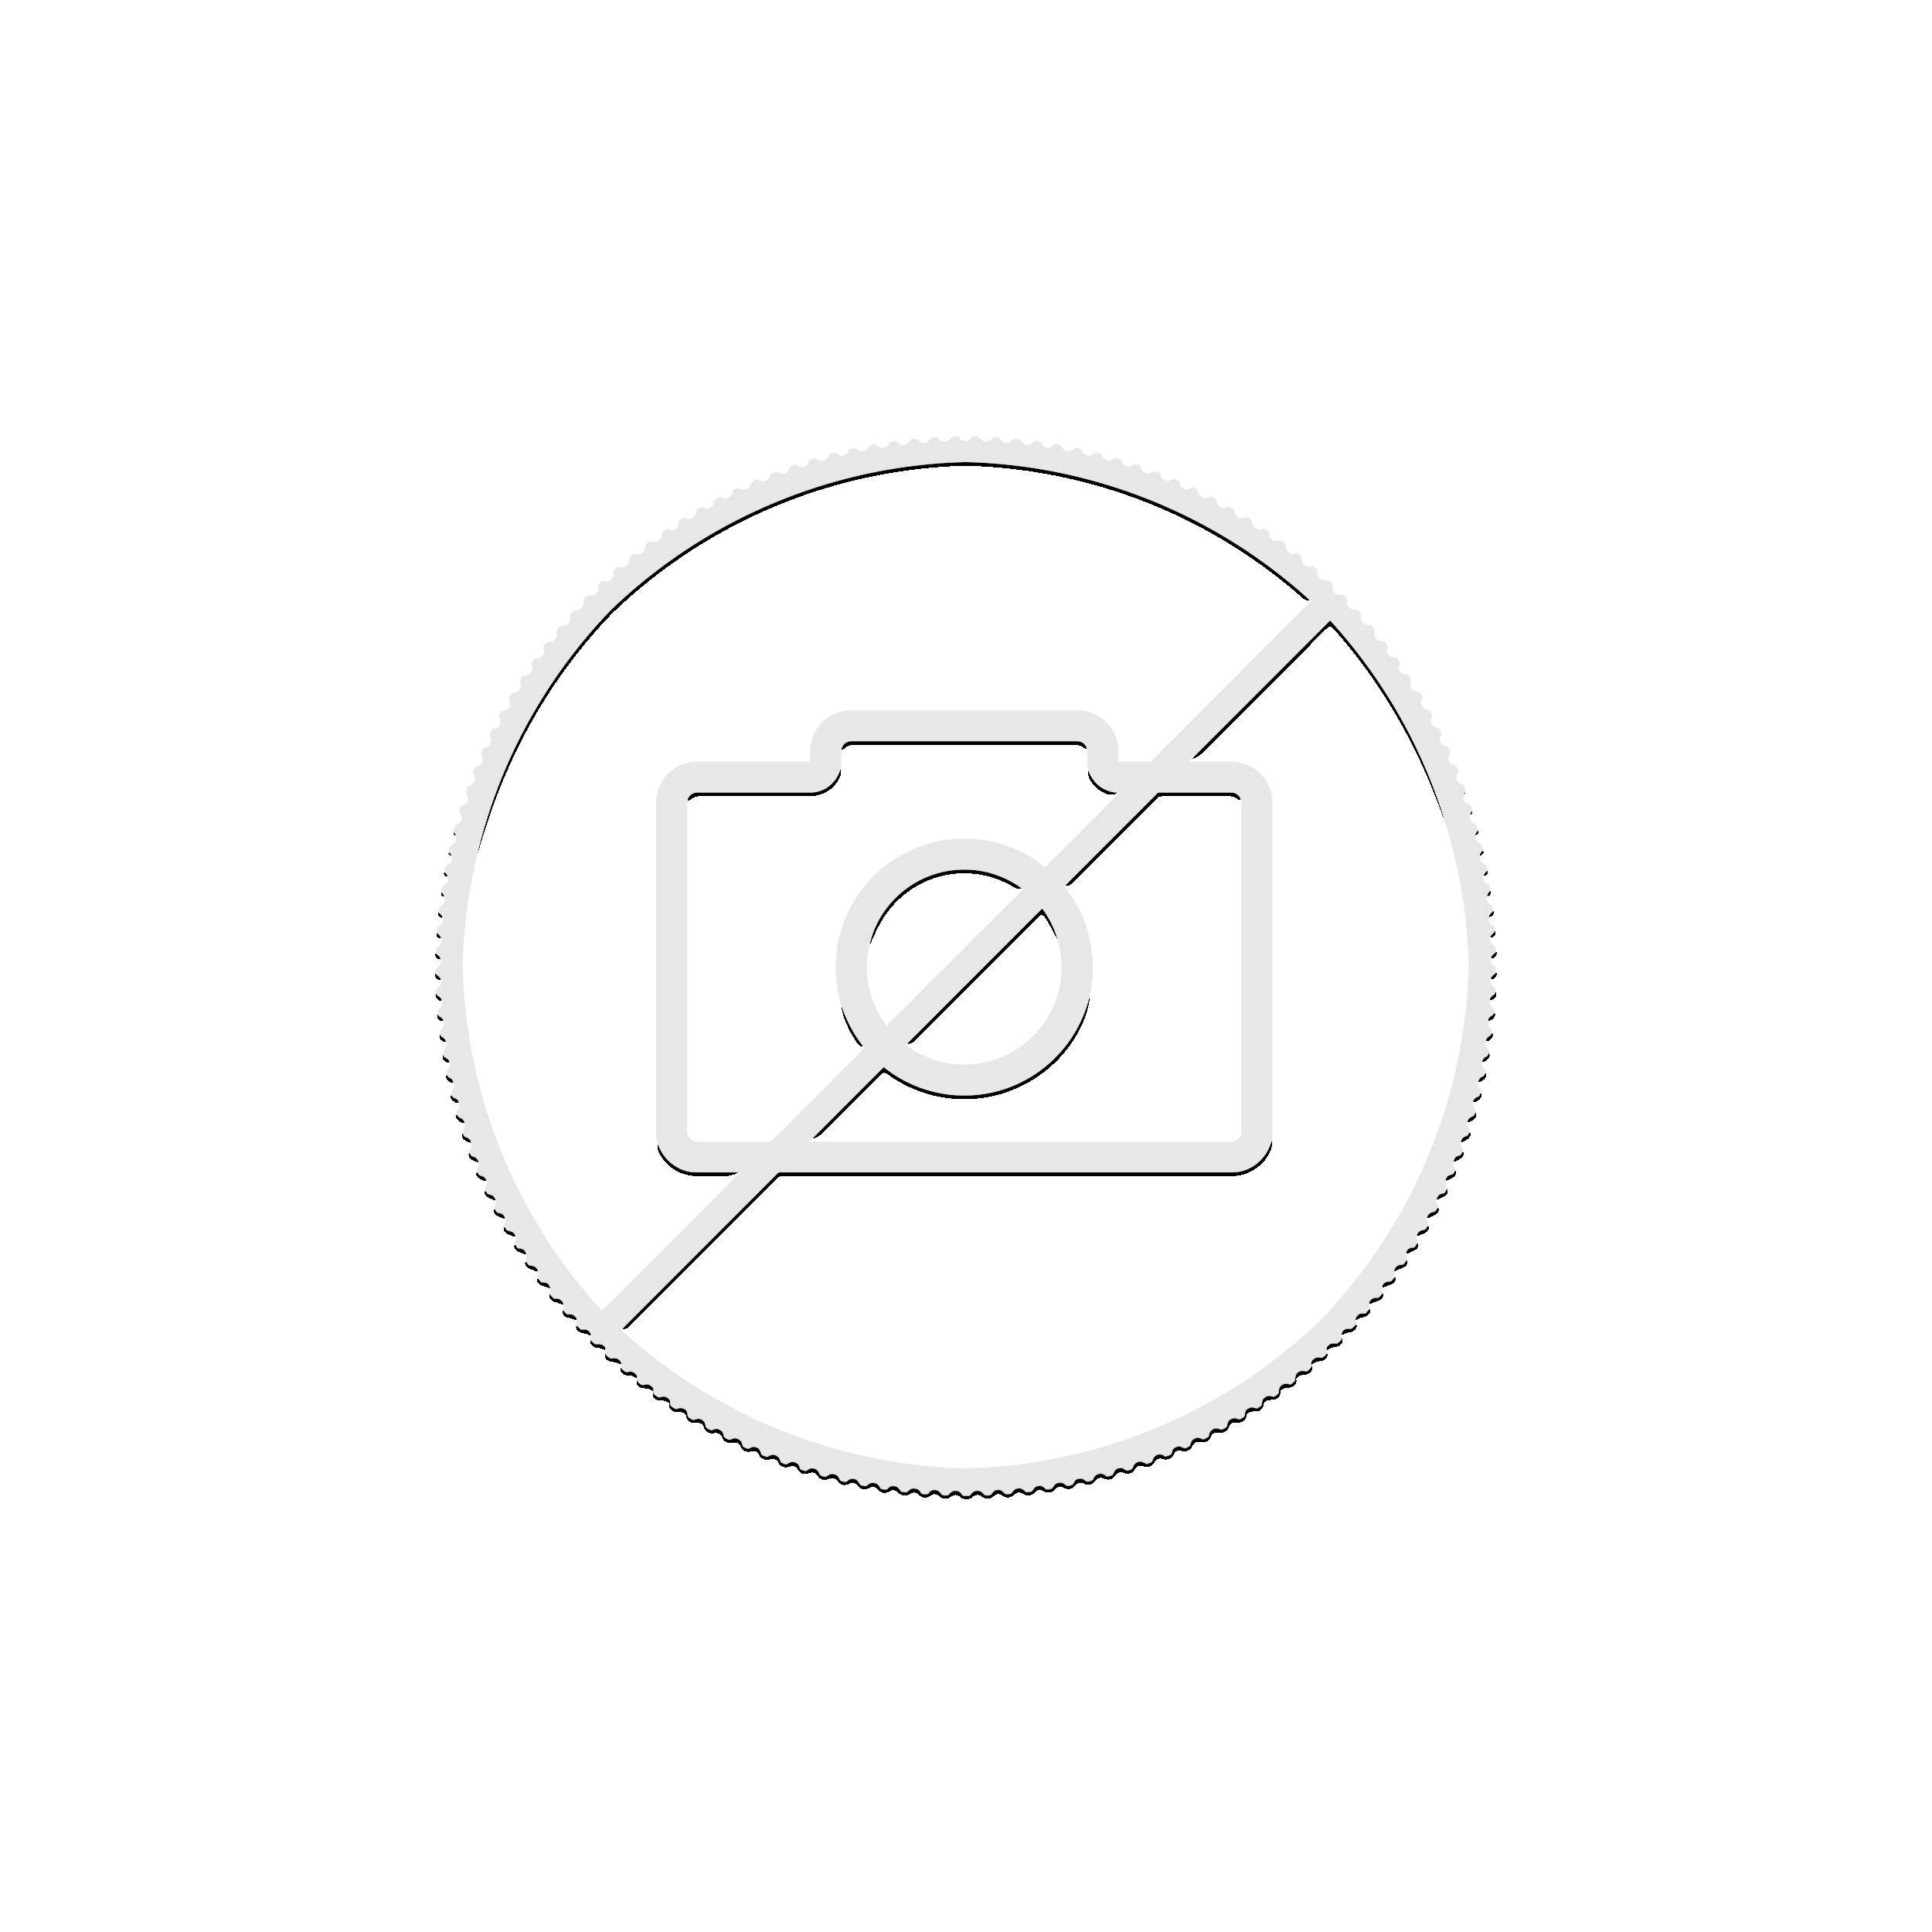 1/2 Troy ounce gold Krugerrand coinmunt